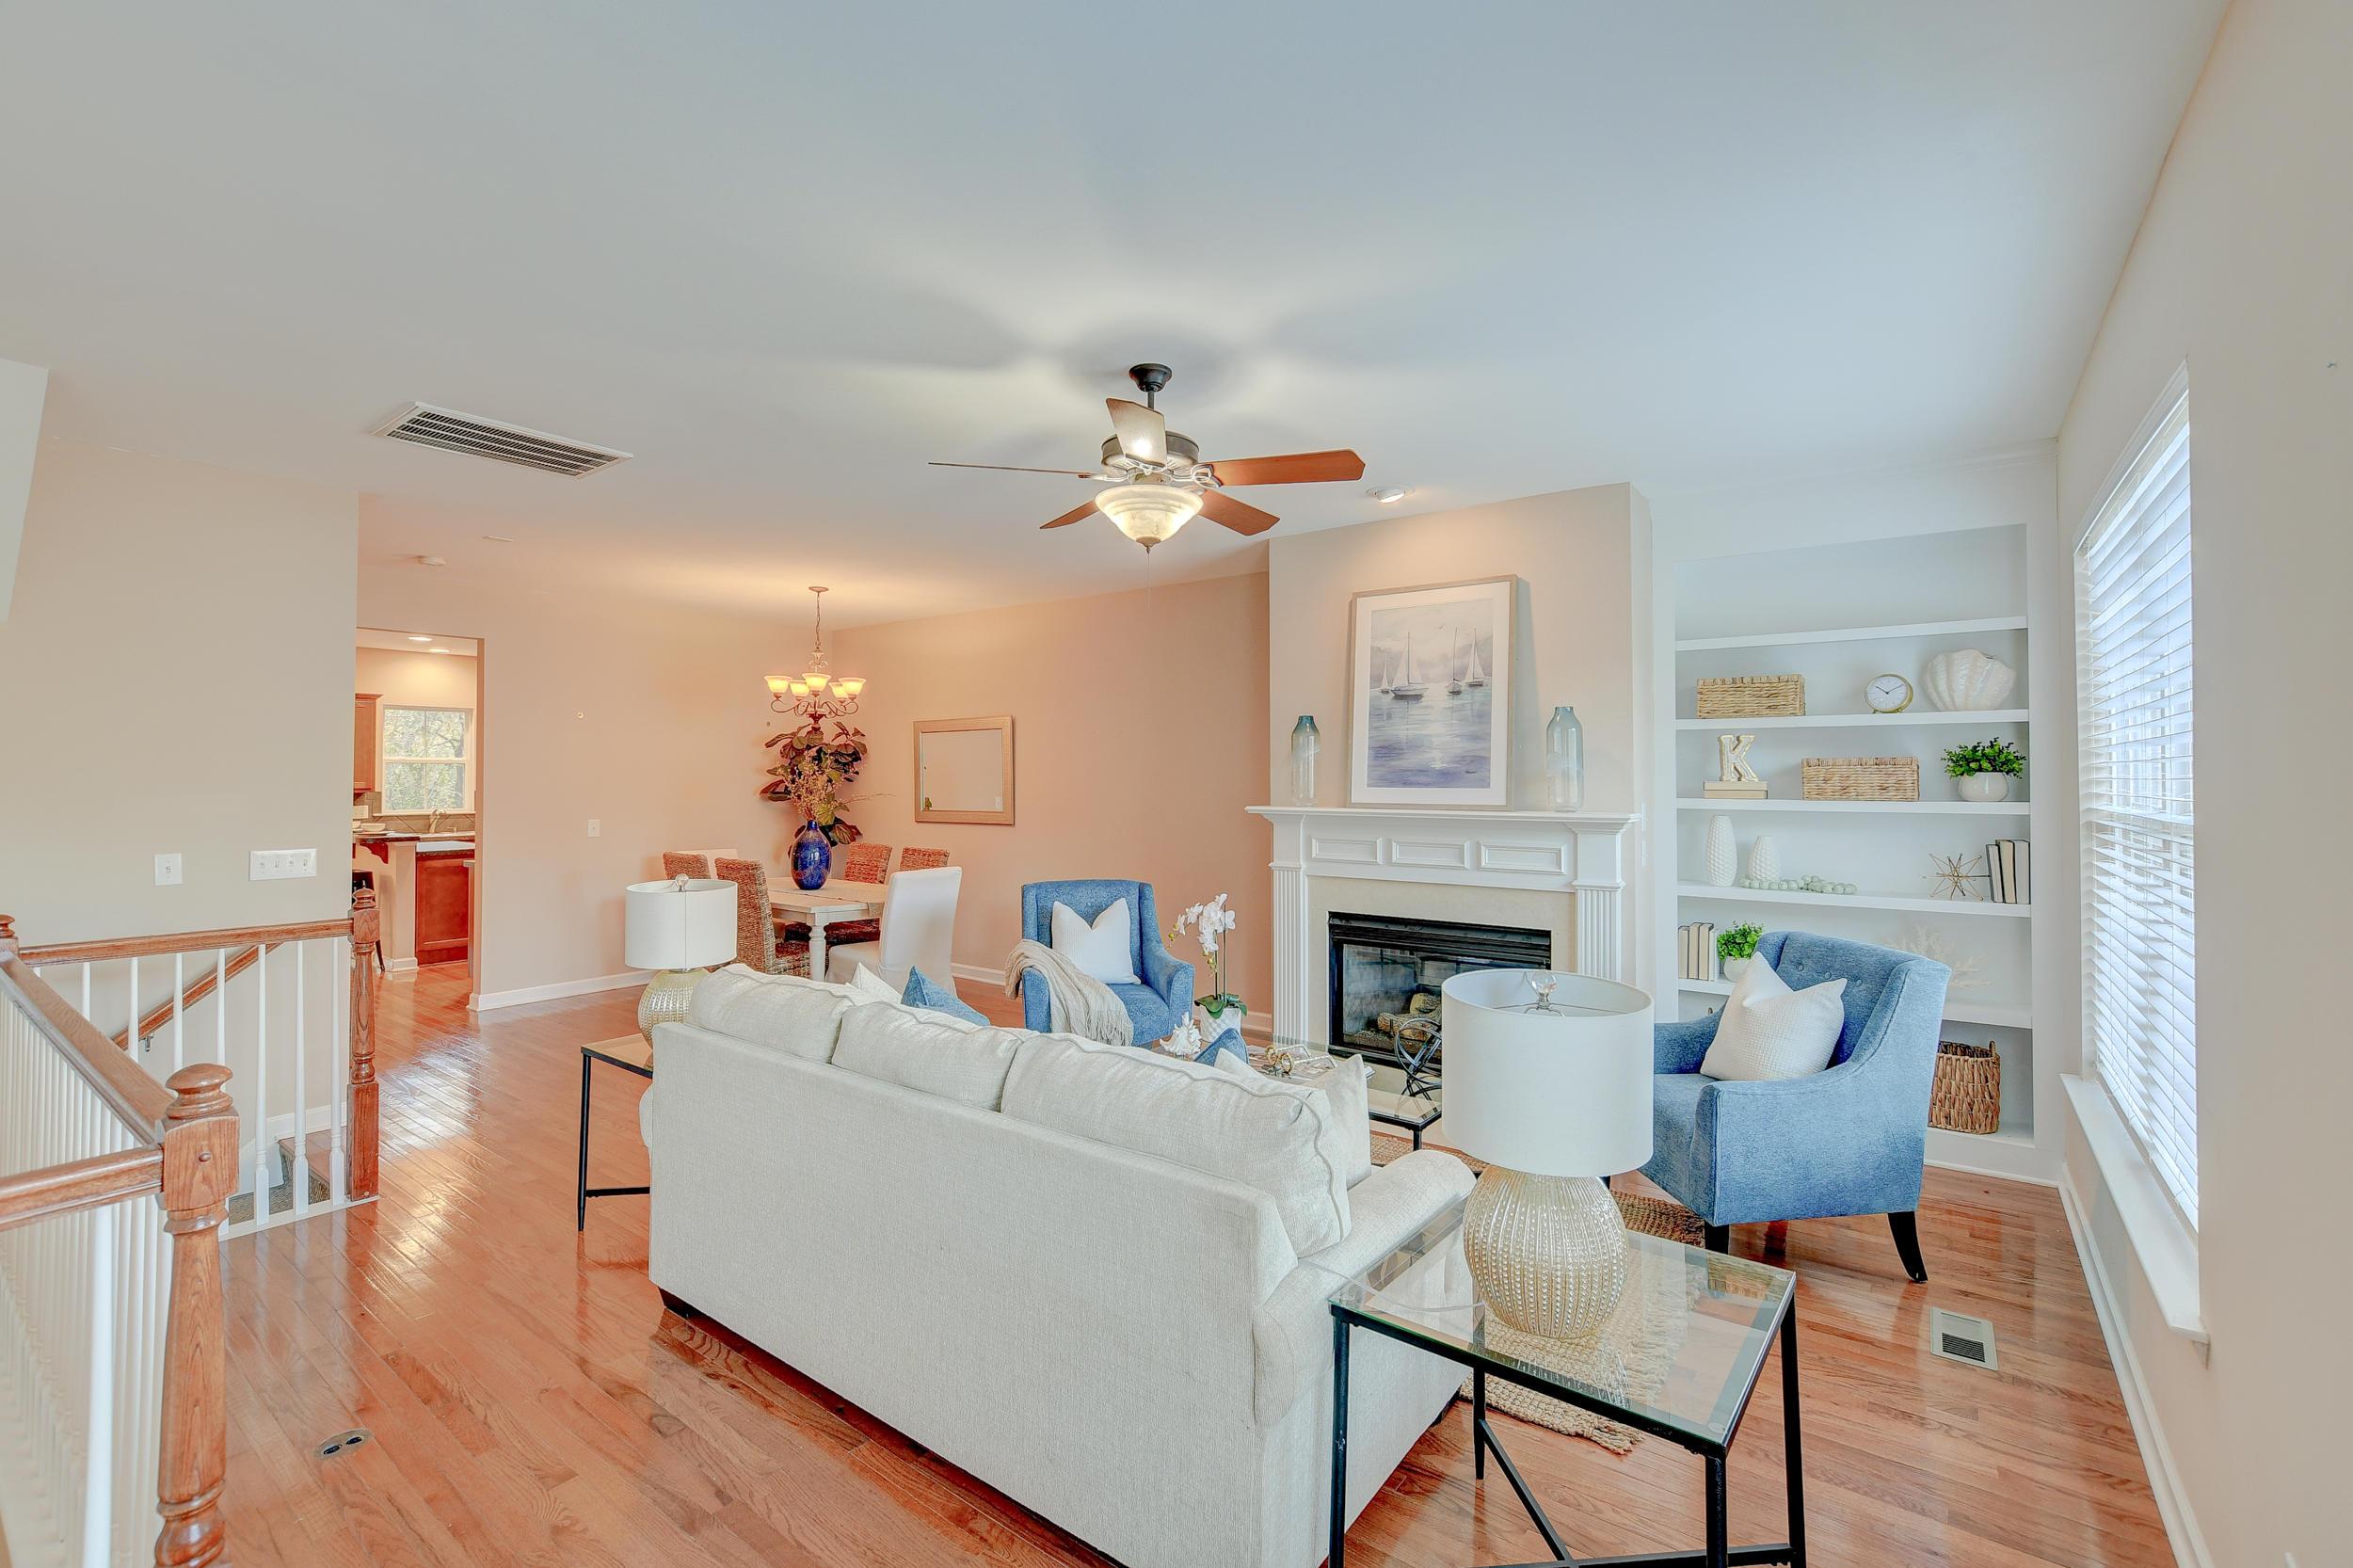 Dunes West Homes For Sale - 264 Fair Sailing, Mount Pleasant, SC - 2